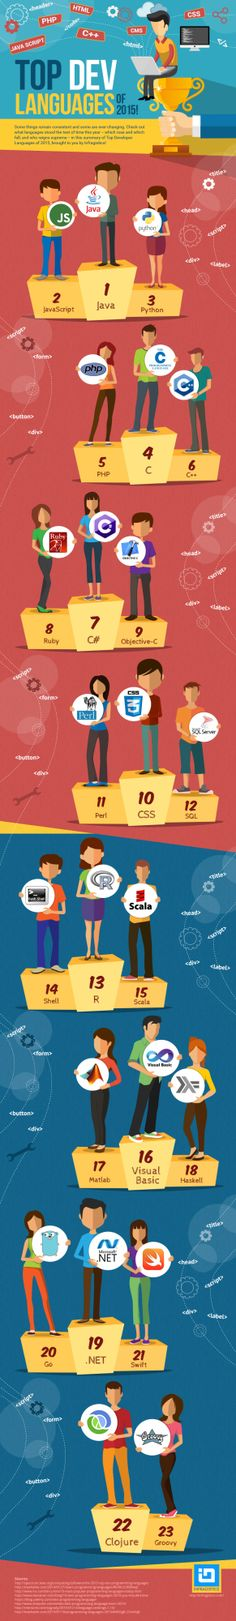 Java ist Programmiersprache des Jahres 2015 im TIOBE-Index